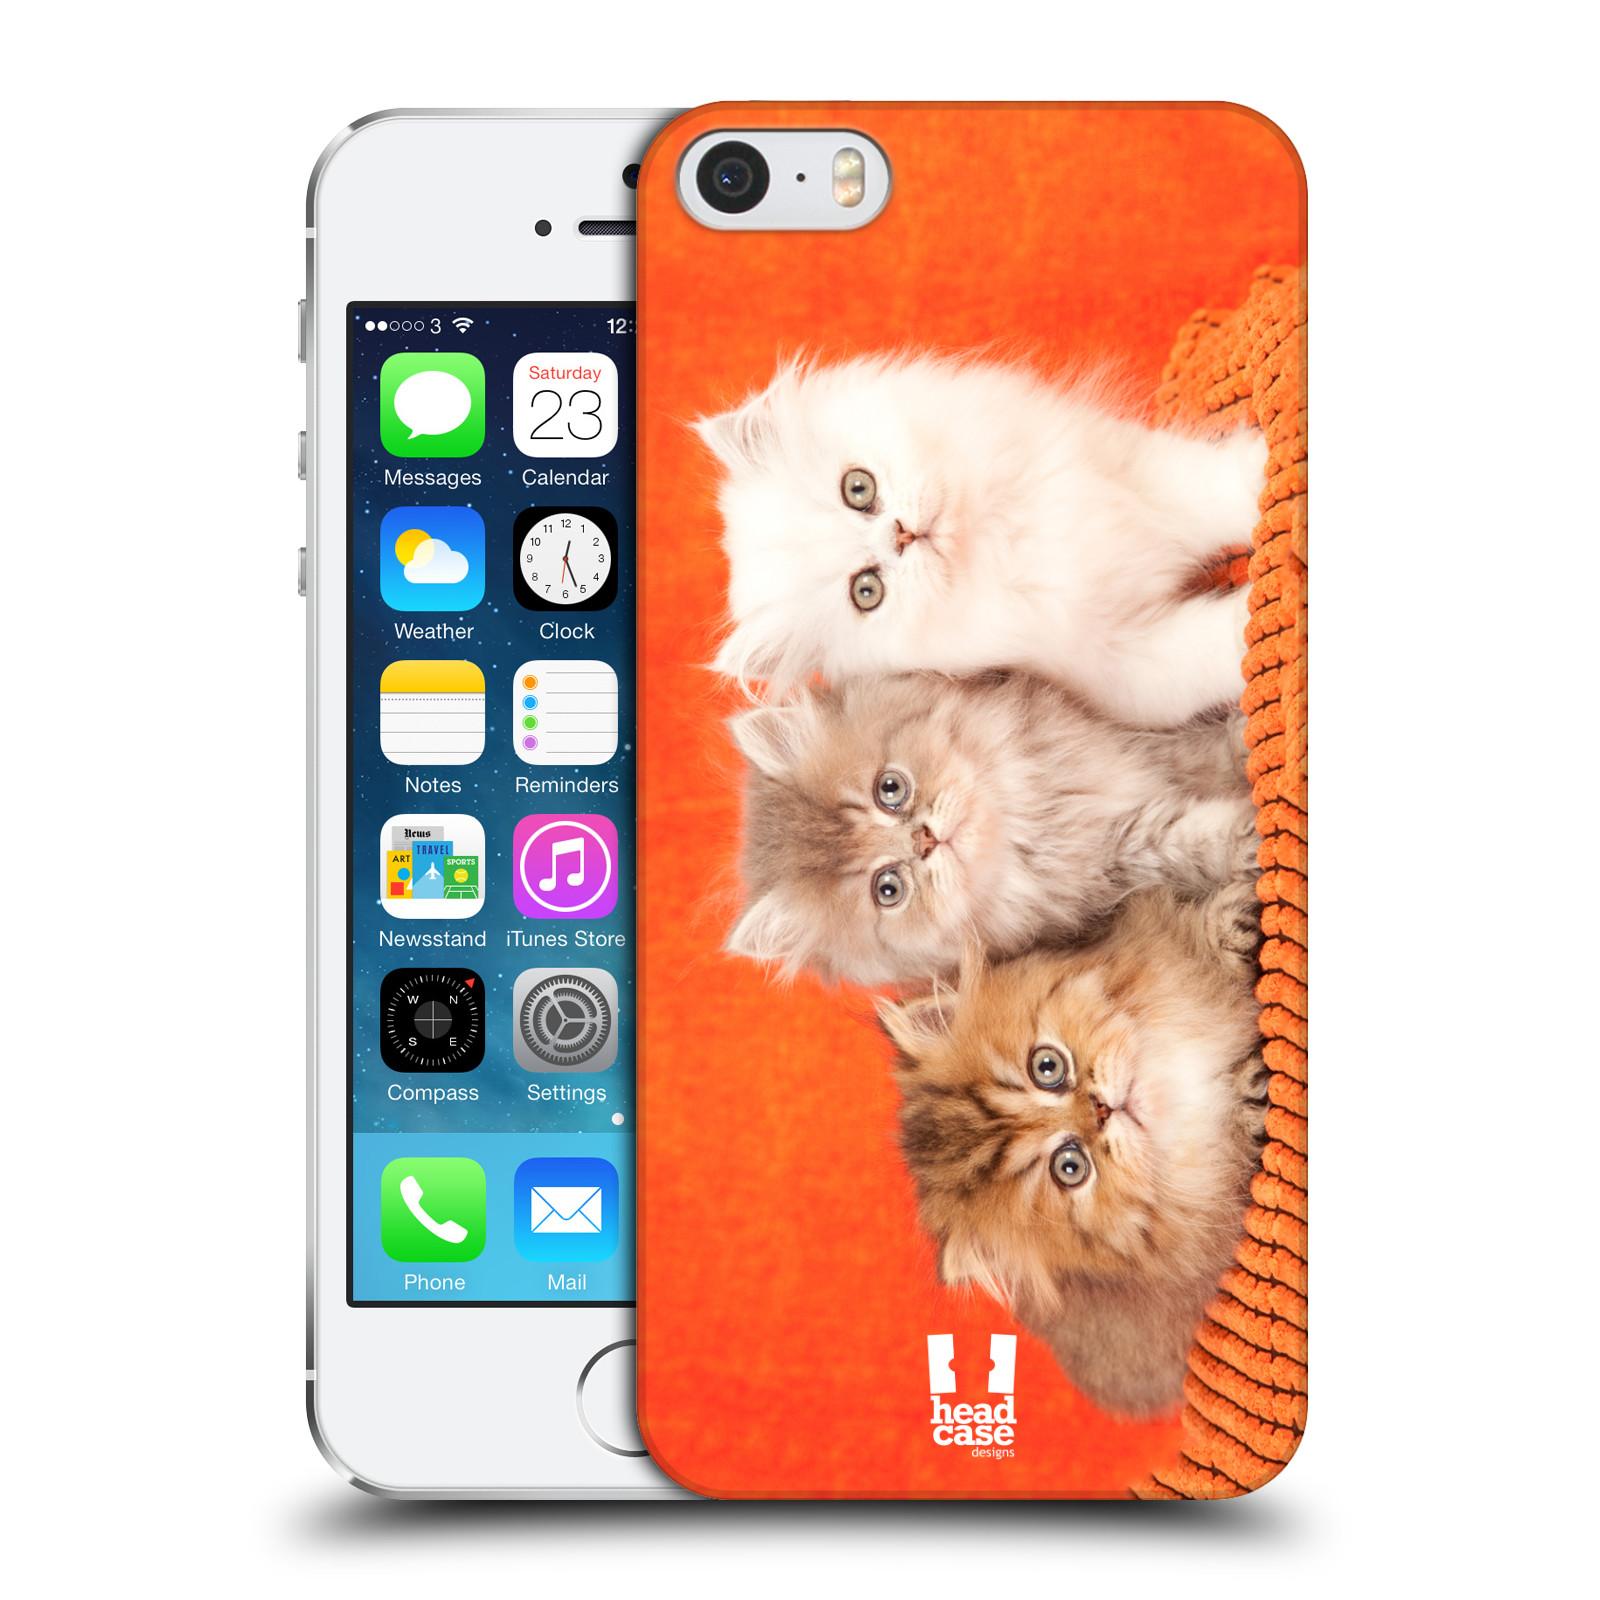 Plastové pouzdro pro mobil Apple Iphone 5   5S   SE vzor Kočičky koťata  foto 3 kočky 047c9fd9260